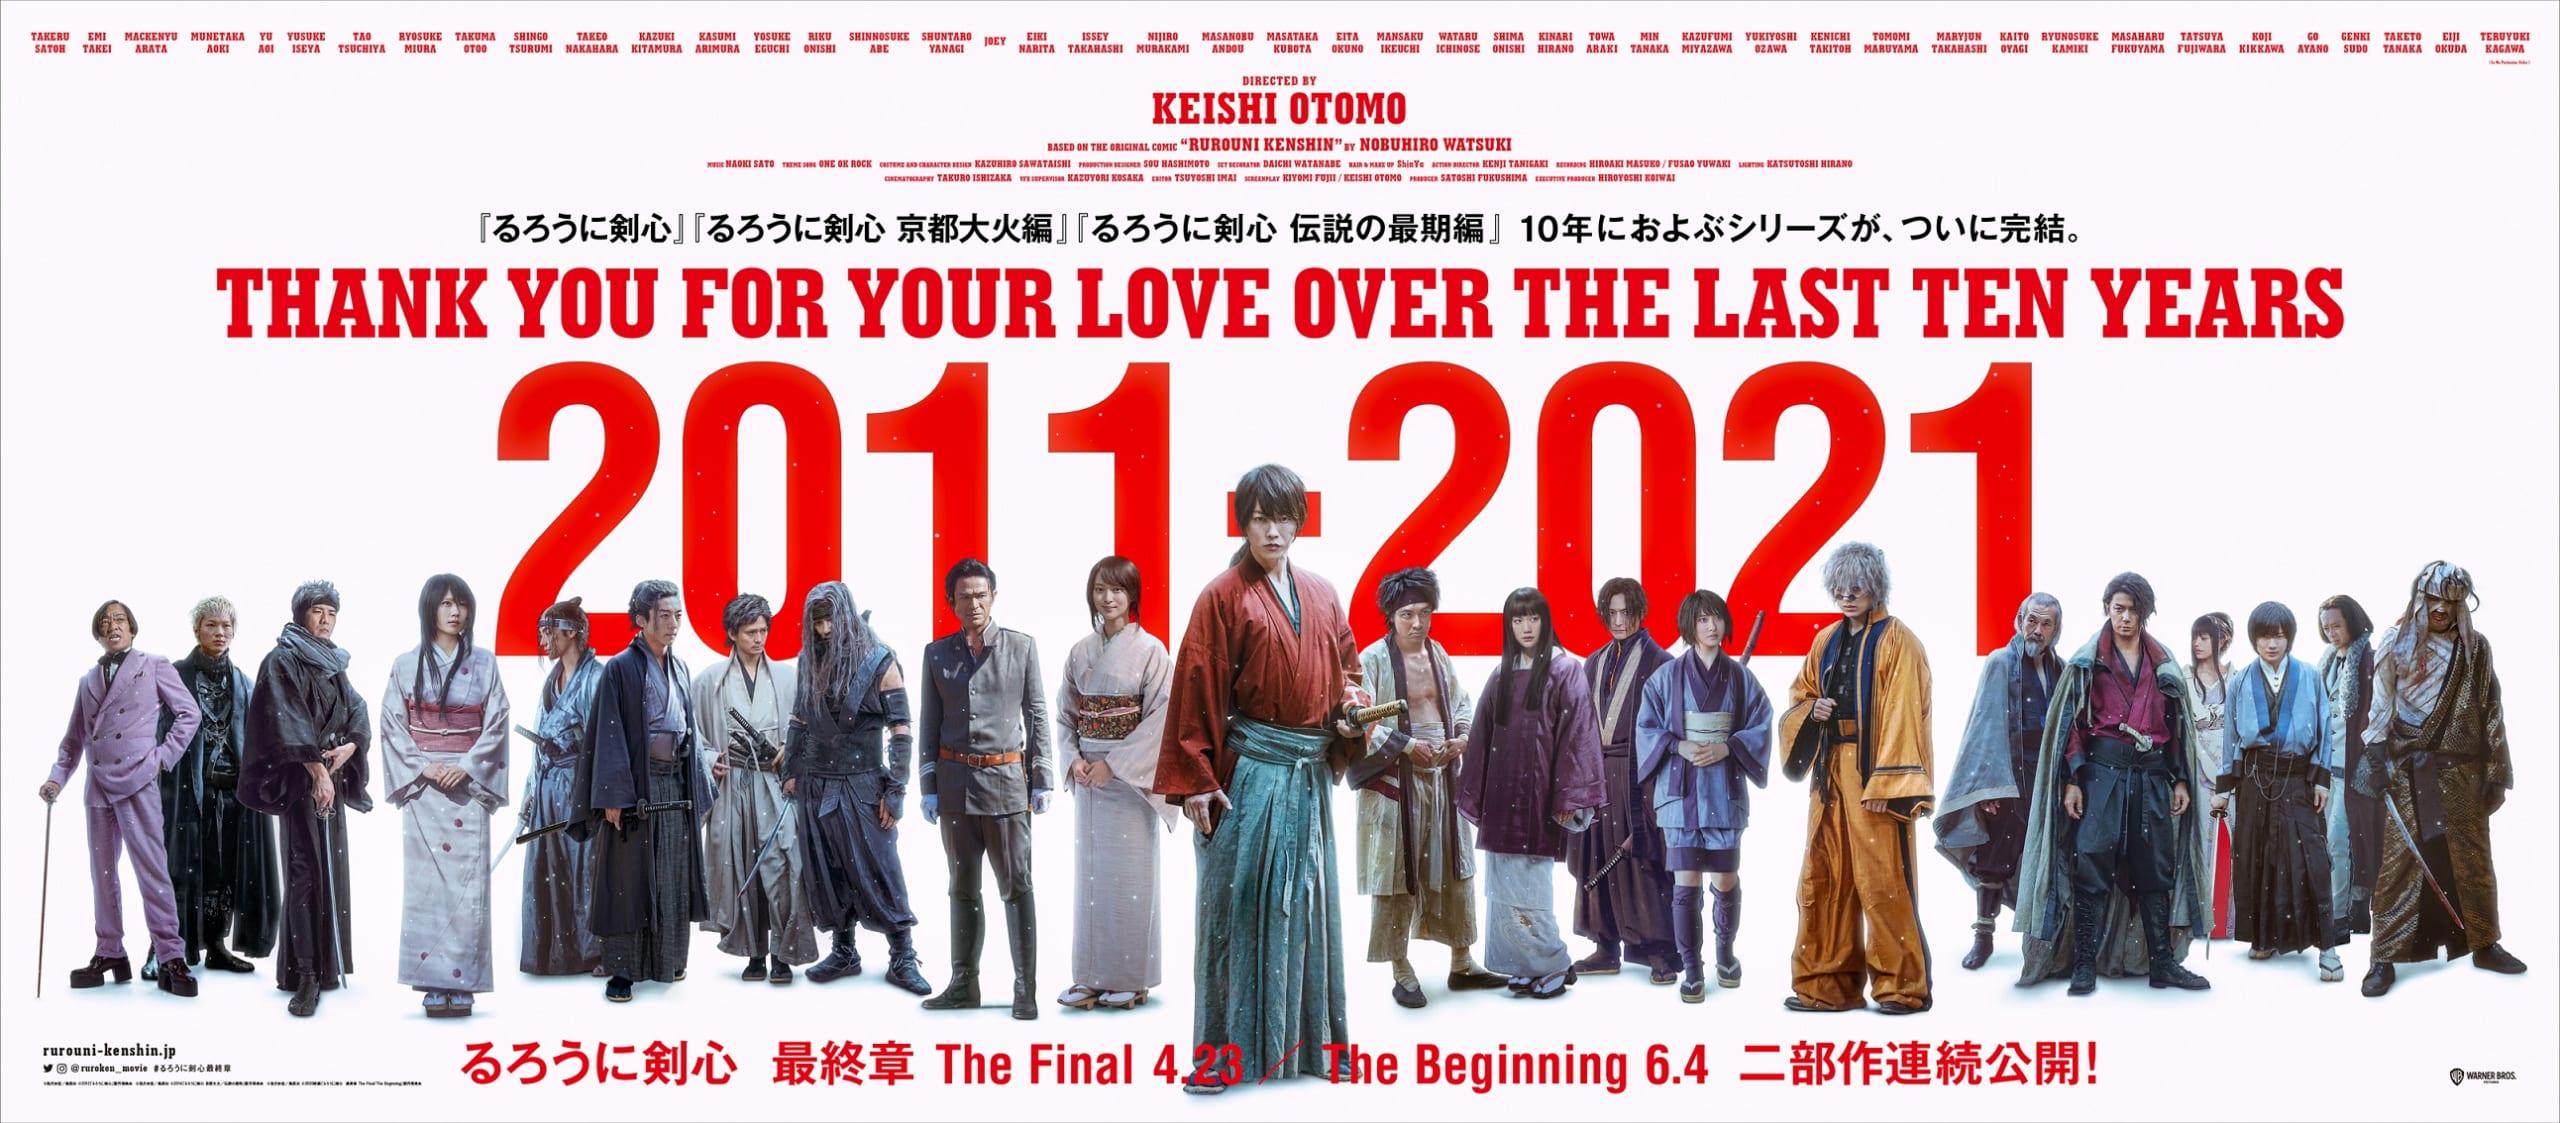 実写映画「るろうに剣心」シリーズ10周年企画始動!剣心・志々雄・縁らオールキャストが集結したメモリアルバナーが完成